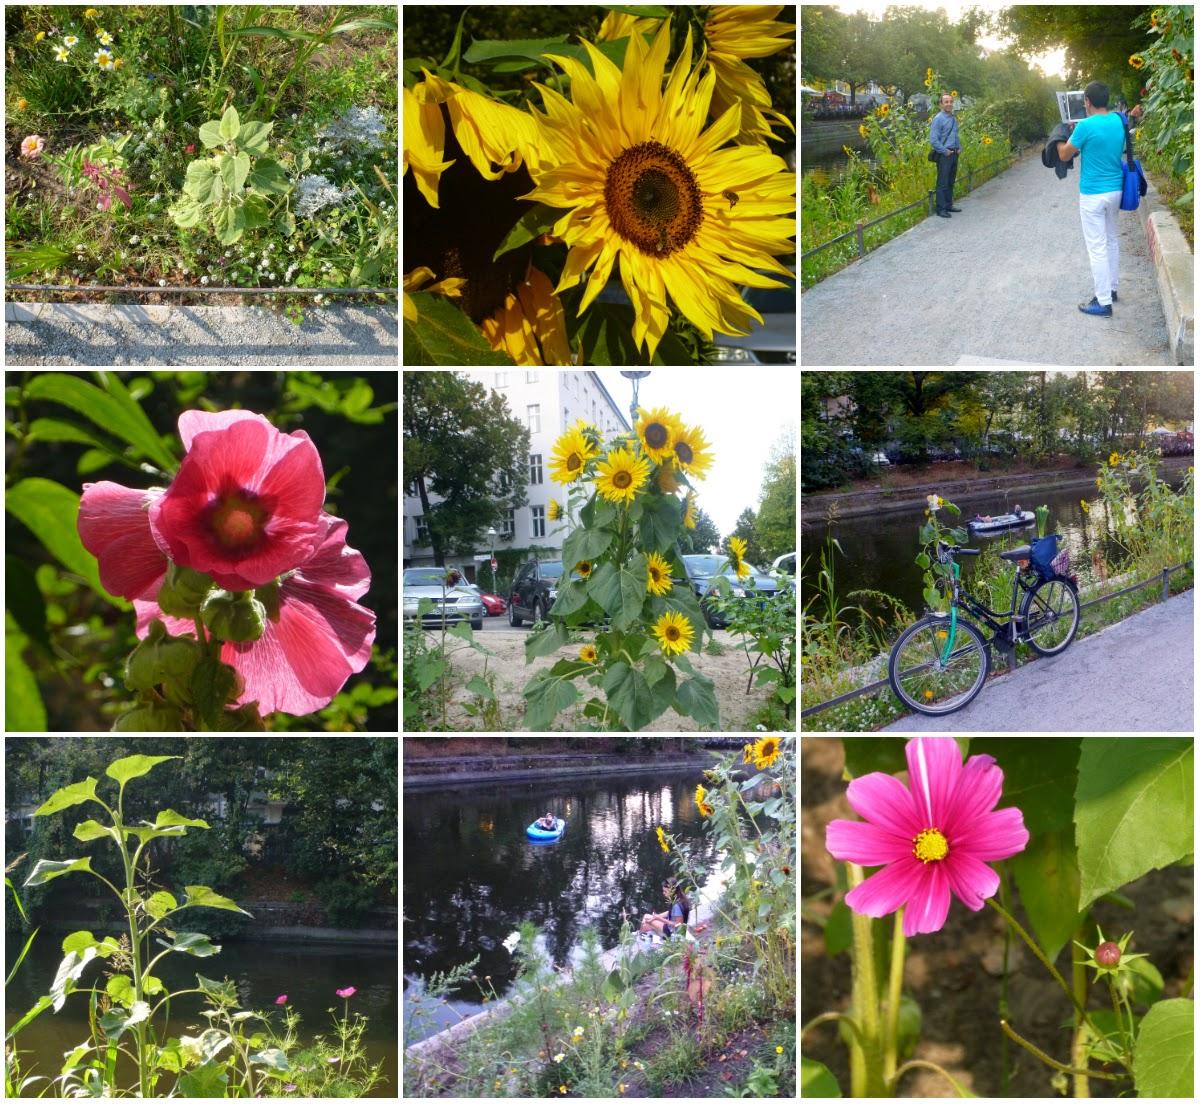 Cosmeen, Anemonen, Sonnenblumen, Paddler auf dem Kanal, fotografierende Menschen, Bienen, die Blumen anfliegen usw.